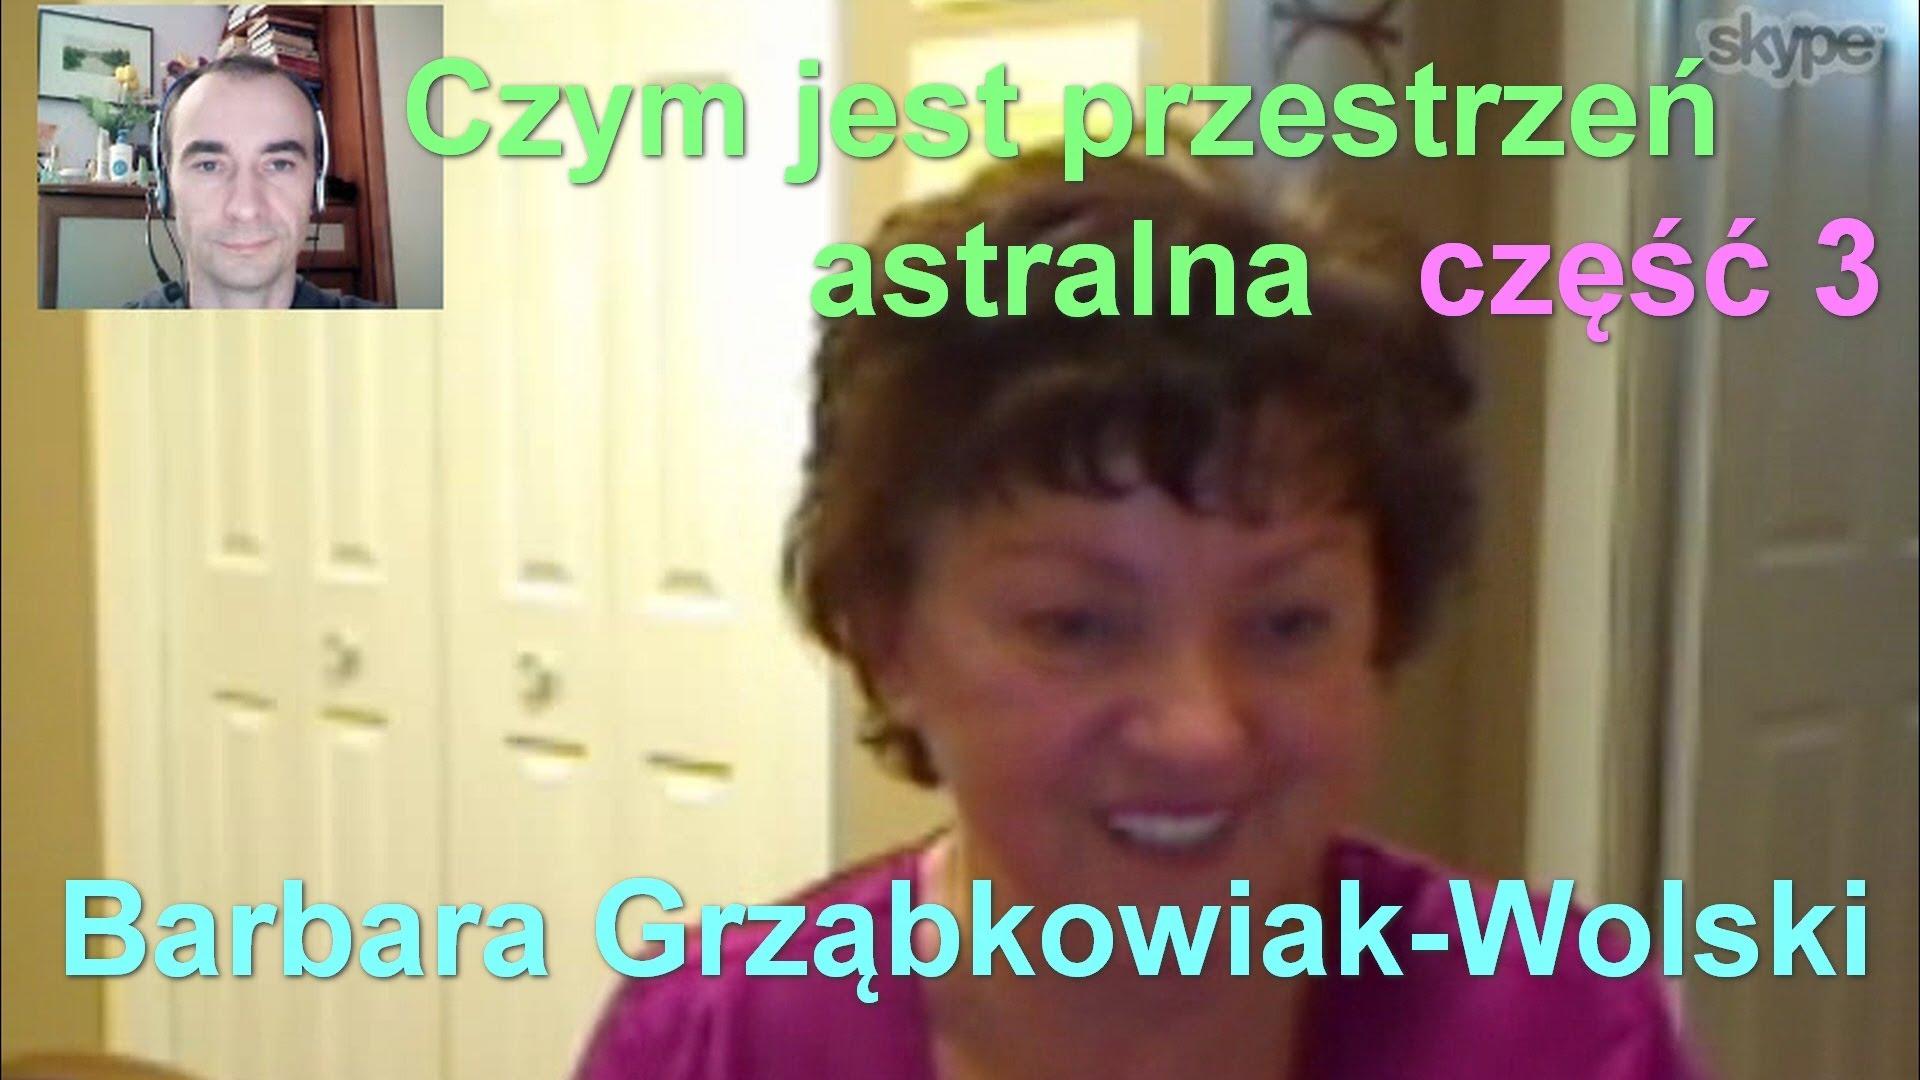 Czym jest przestrzeń astralna, część 3 – Barbara Grząbkowiak-Wolski